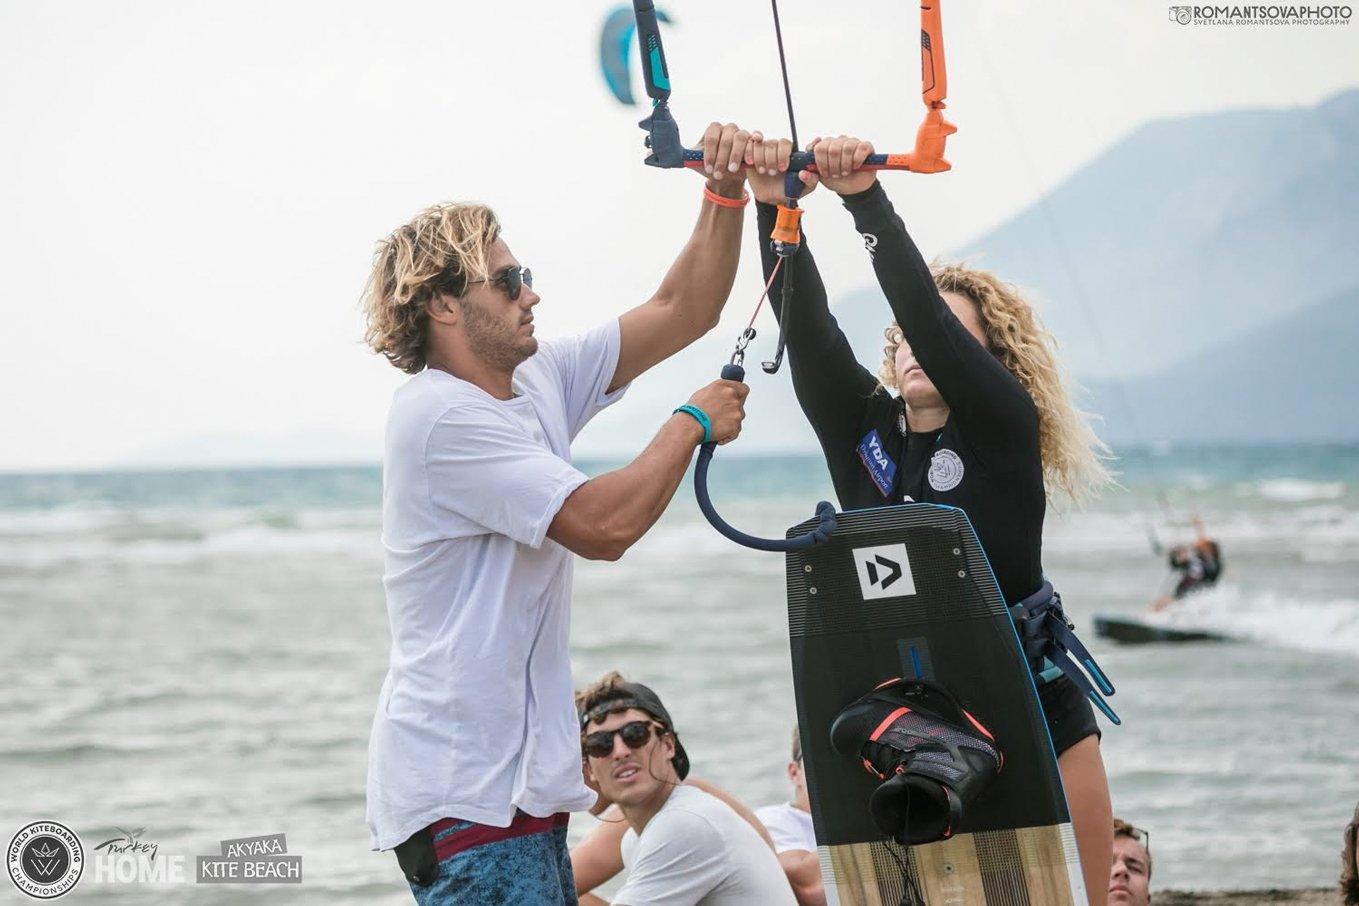 competition kitesurf-Garat-Novotna